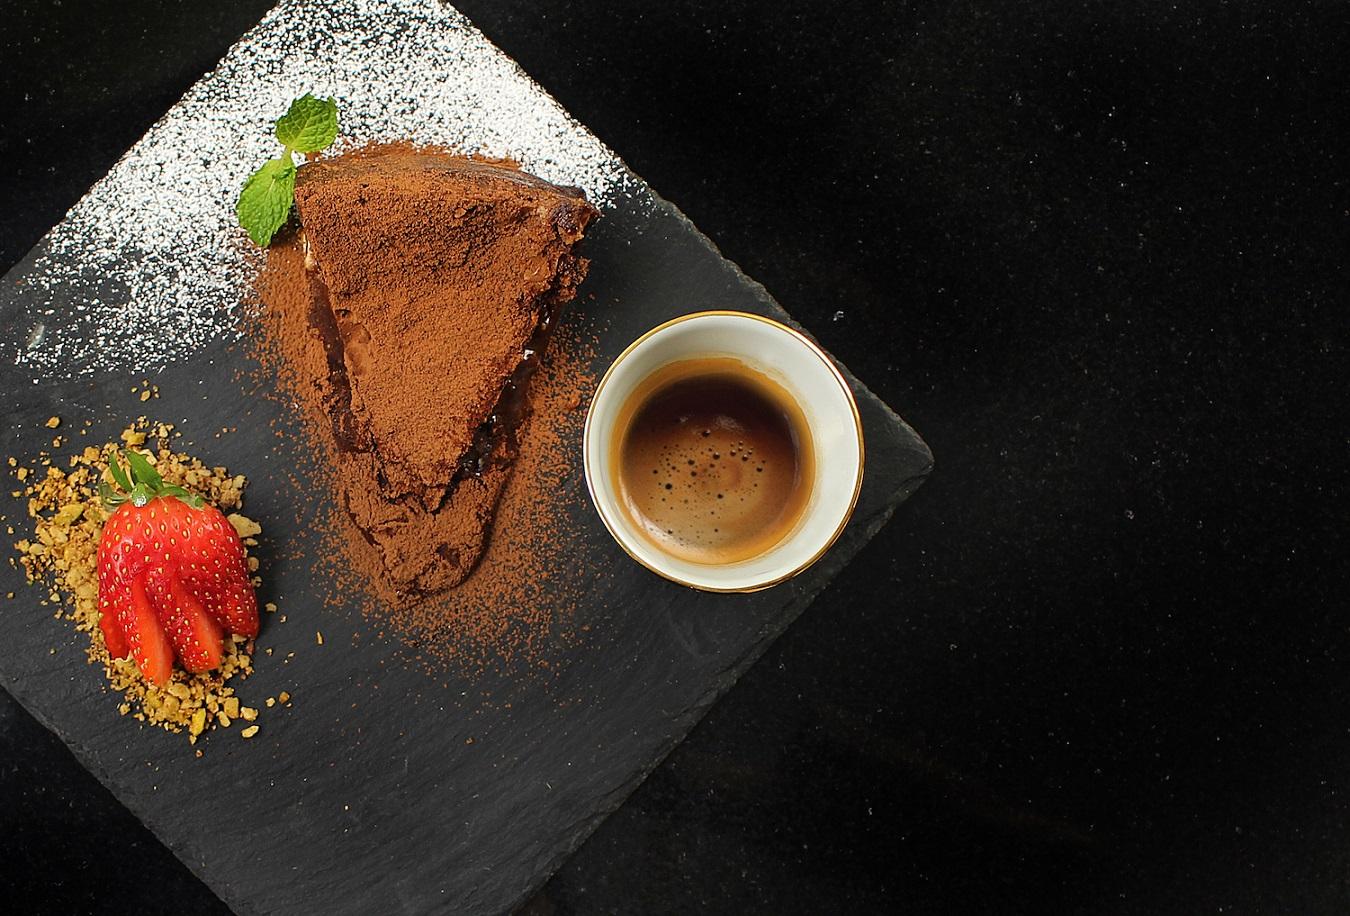 ดื่มด่ำกาแฟตุรกีชั้นเยี่ยม คู่กับ คริสปี้ บราวนี้ เค๊ก ณ โรงแรมเมอเวนพิค สุขุมวิท 15 กรุงเทพ 13 -